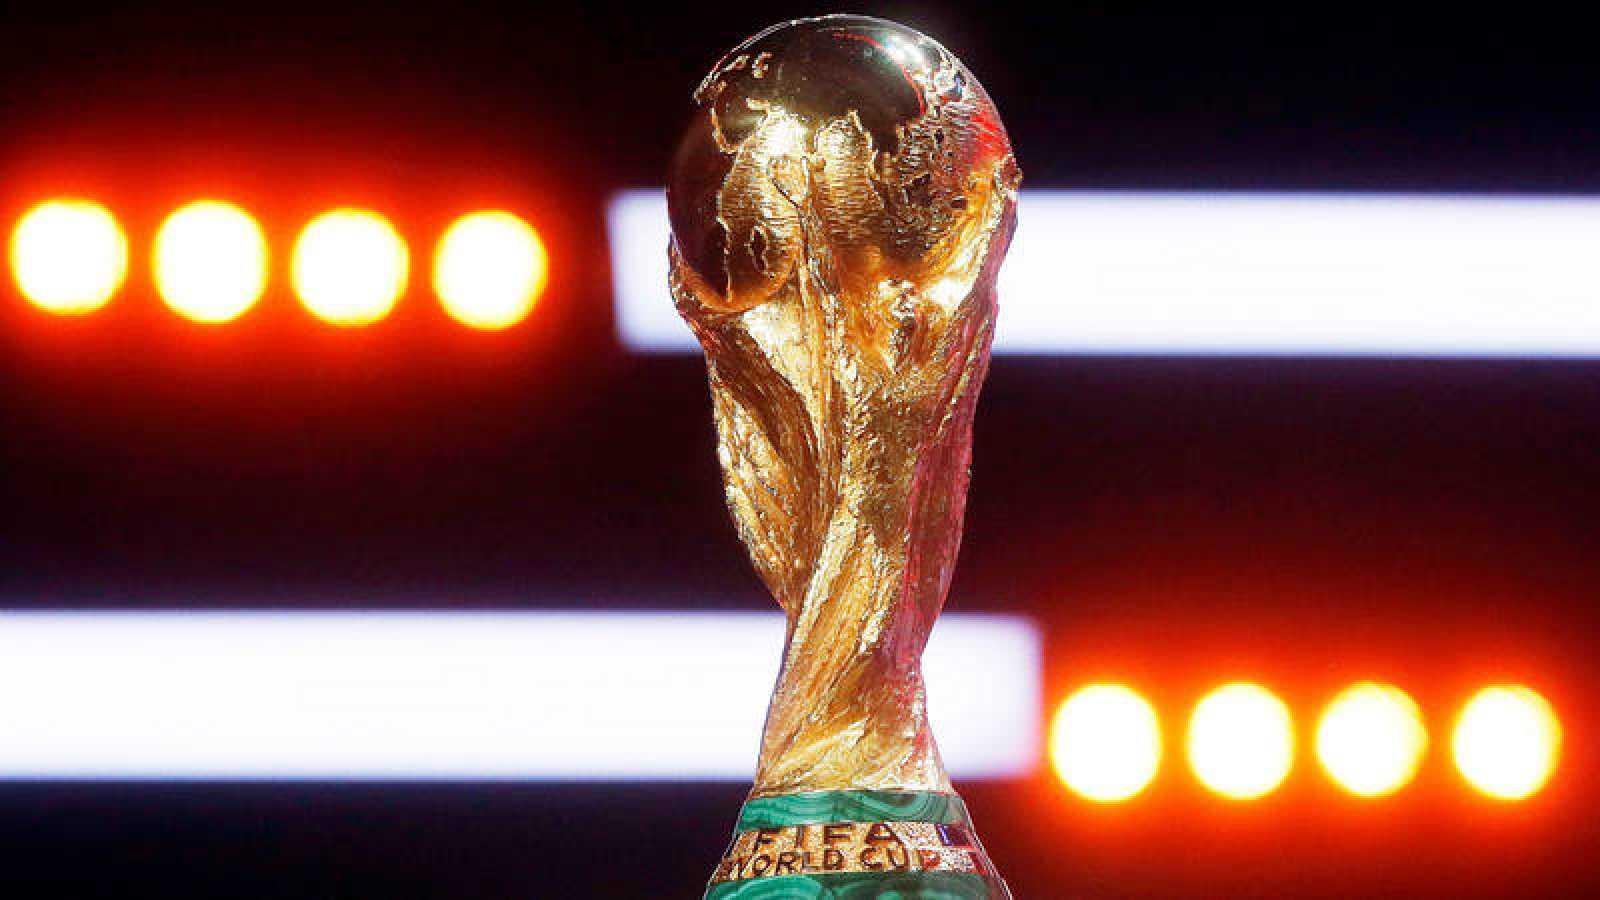 El trofeo de la Copa del Mundo de fútbol luce en Moscú antes del sorteo.